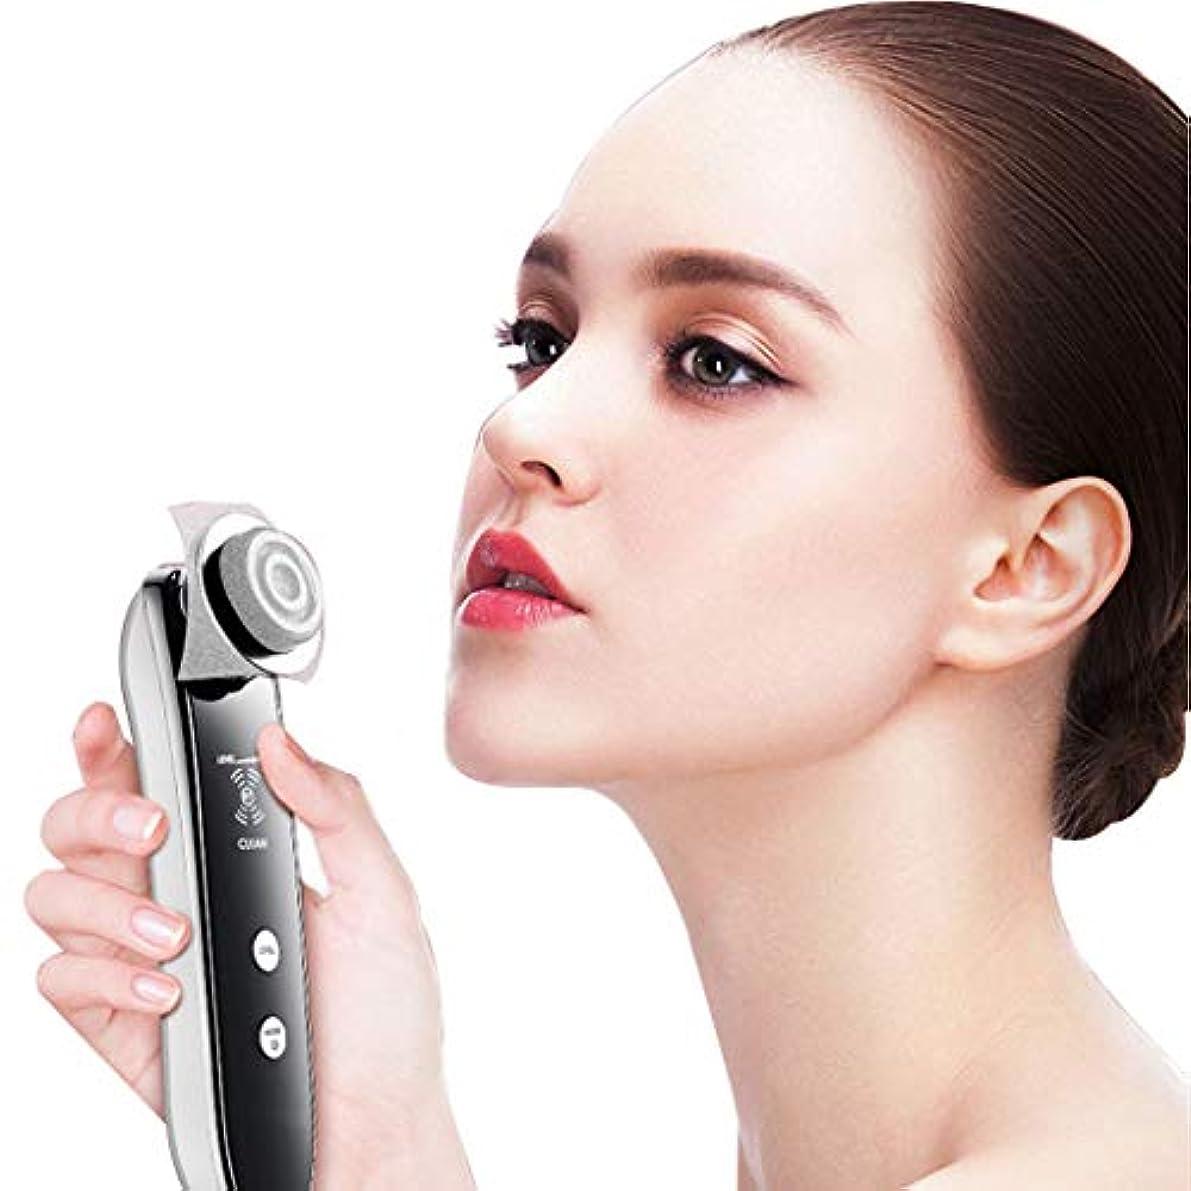 手がかり差し引くビーズRF の無線周波数の美の器械 5 1 の多機能の顔のマッサージ器、皮の気遣うことのための美装置、穏やかな剥離および気孔の収縮のための機械